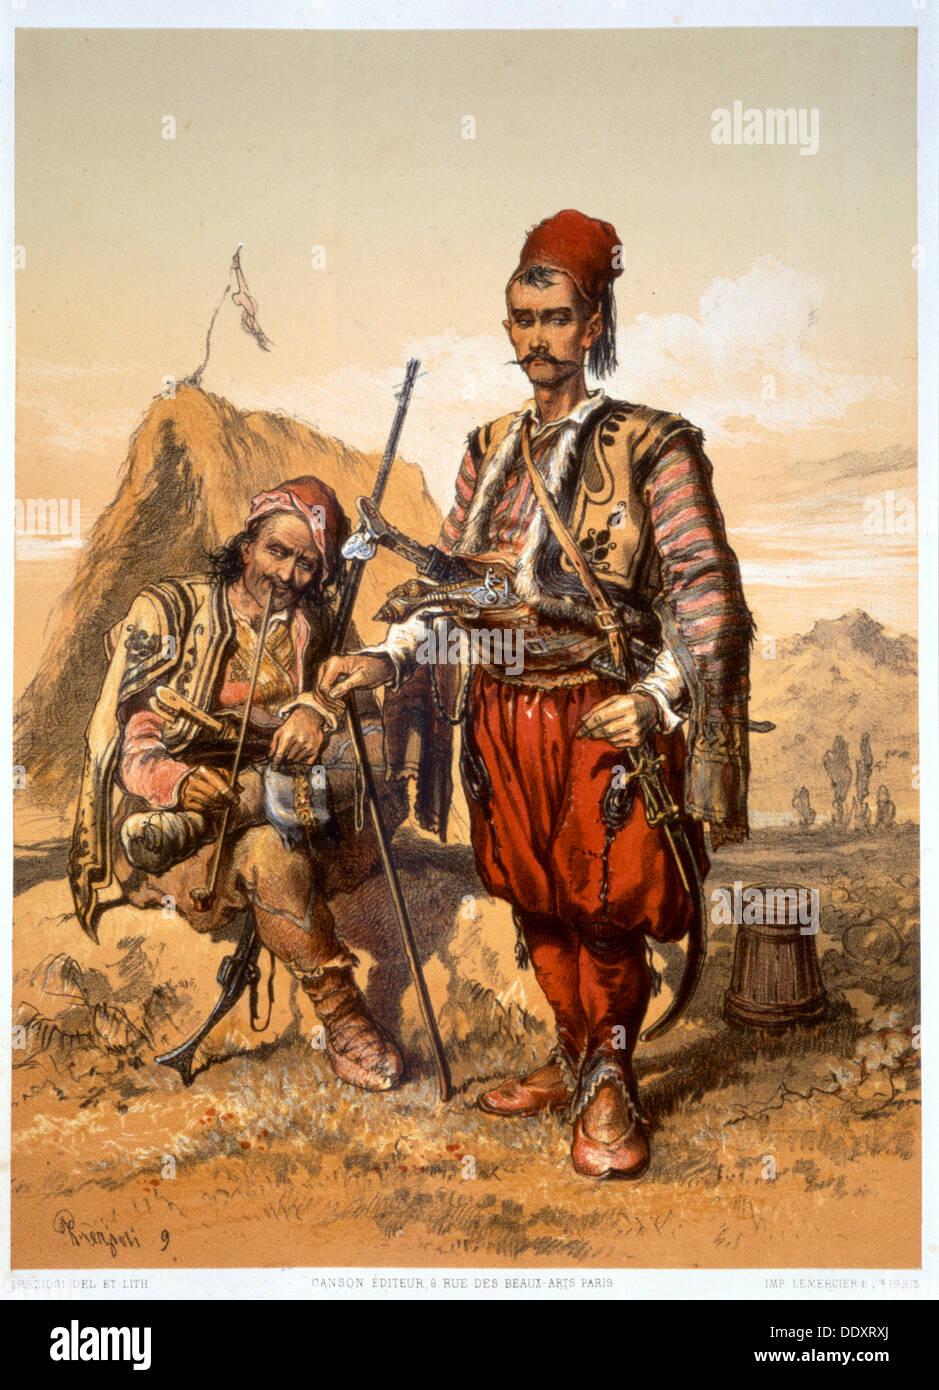 A pie, los soldados turcos en el ejército otomano, 1857. Artista: Amadeo Preziosi Imagen De Stock